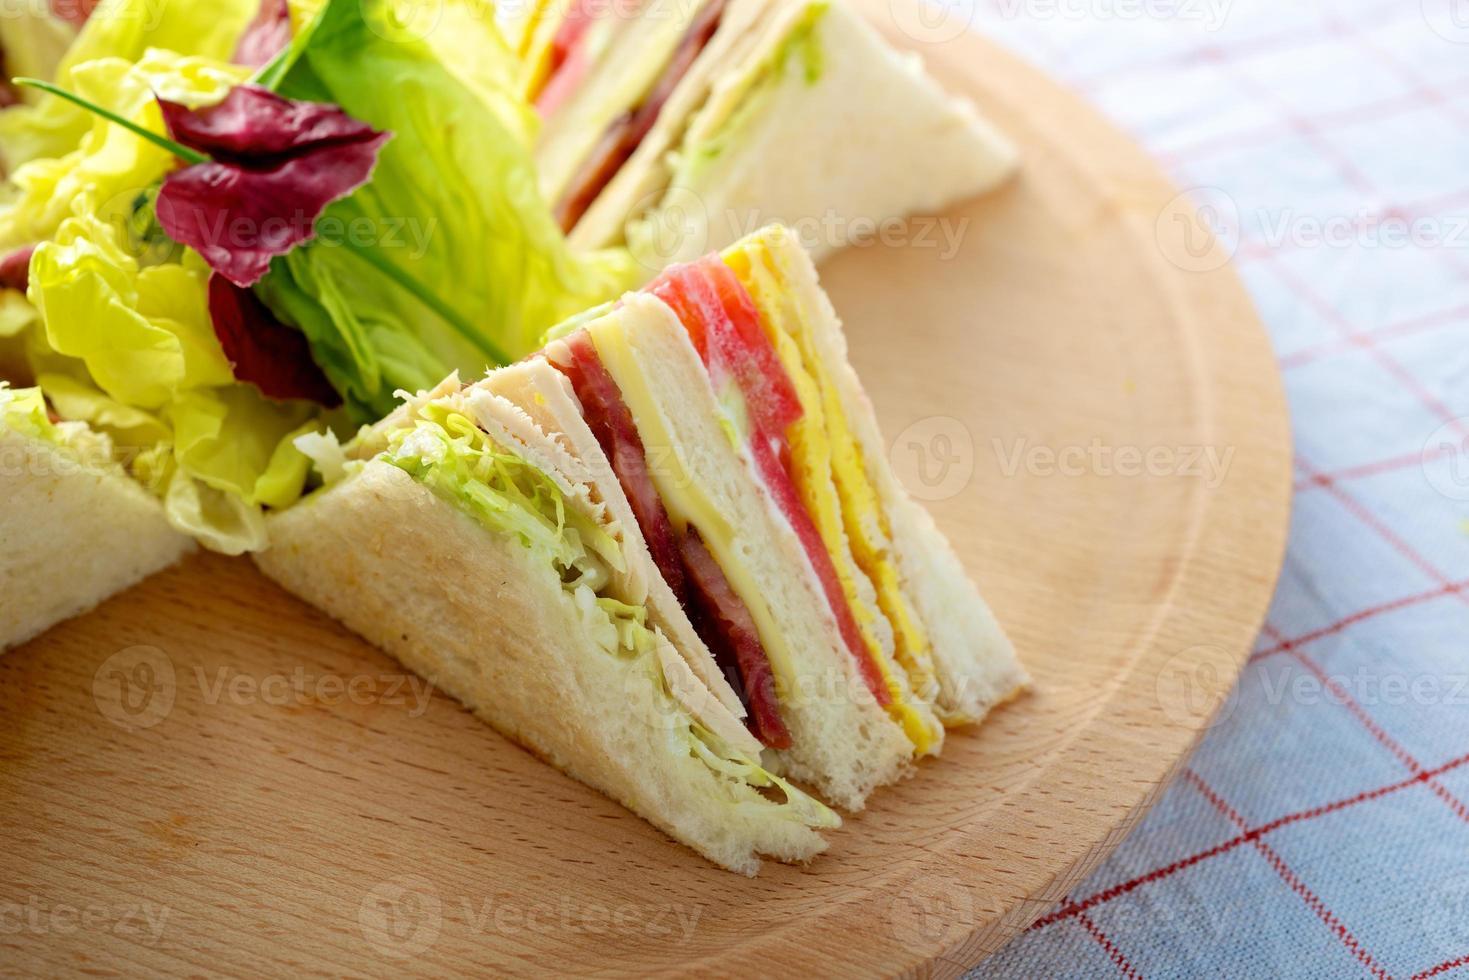 sándwich de pavo foto